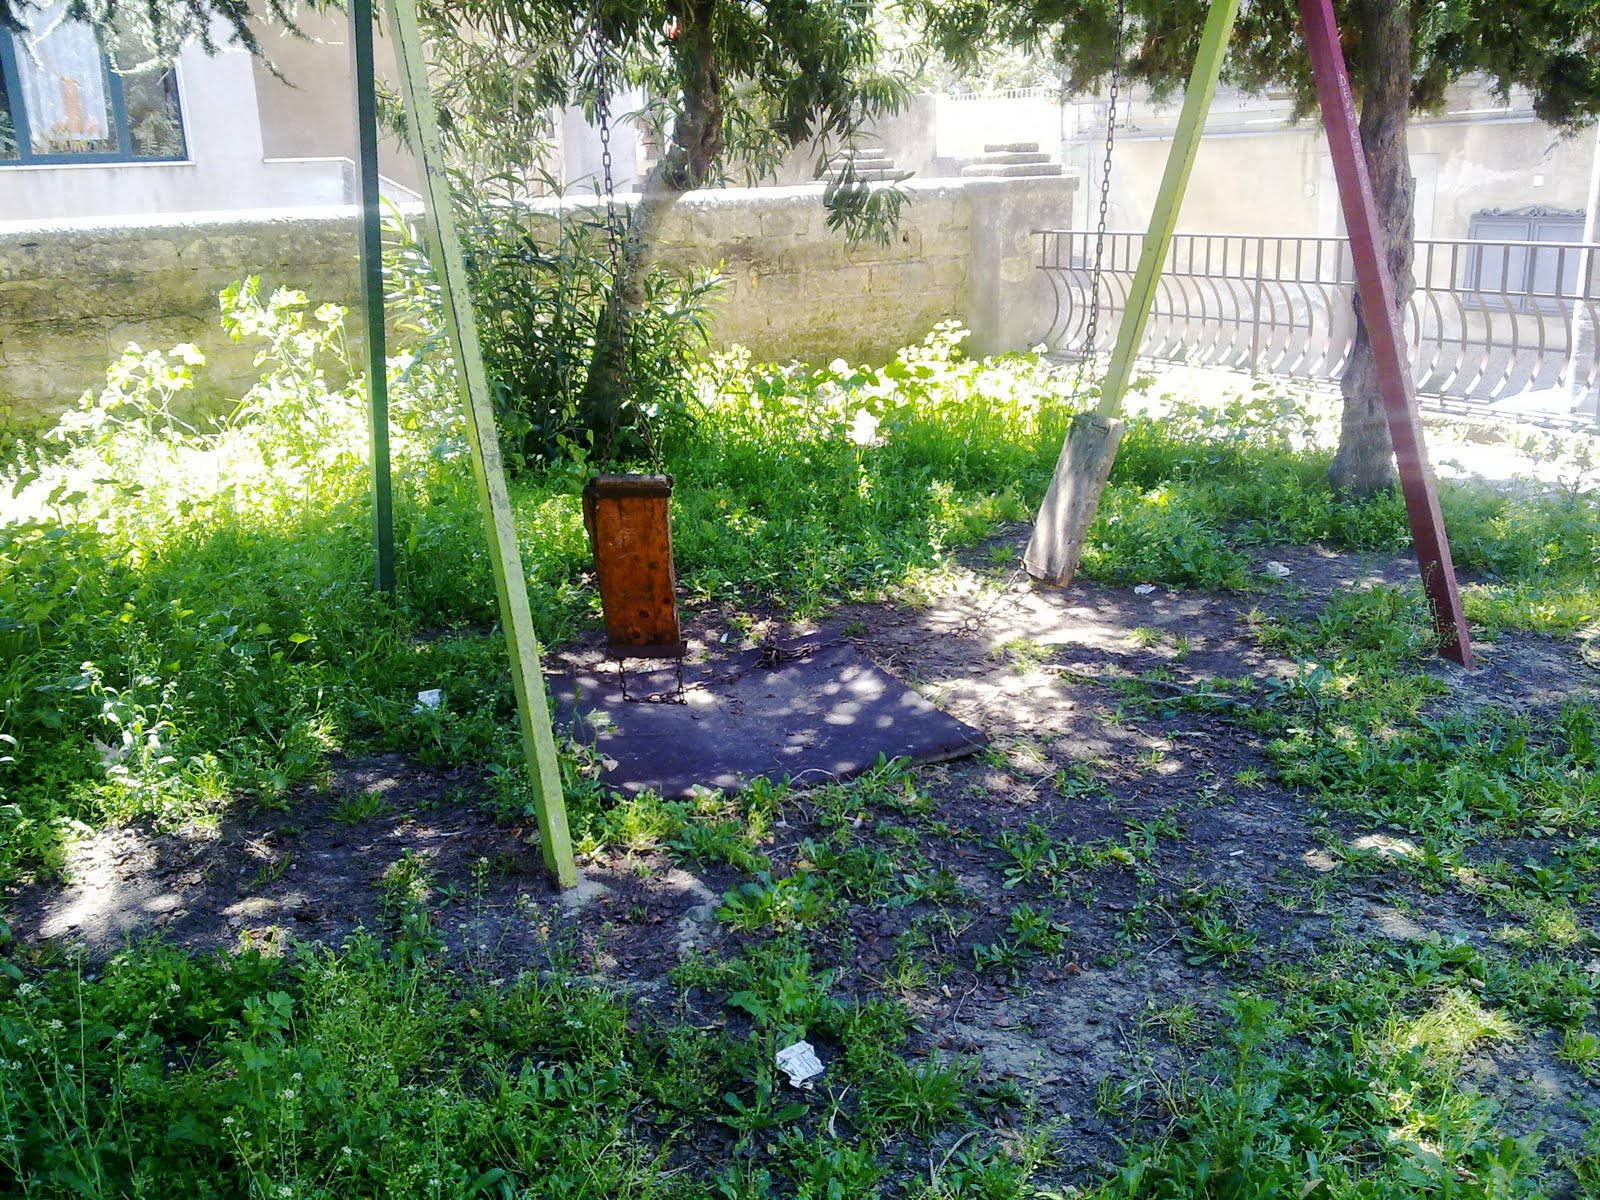 Agostino sella ma chi ha tagliato l 39 erba nel giardino - Quando seminare erba giardino ...